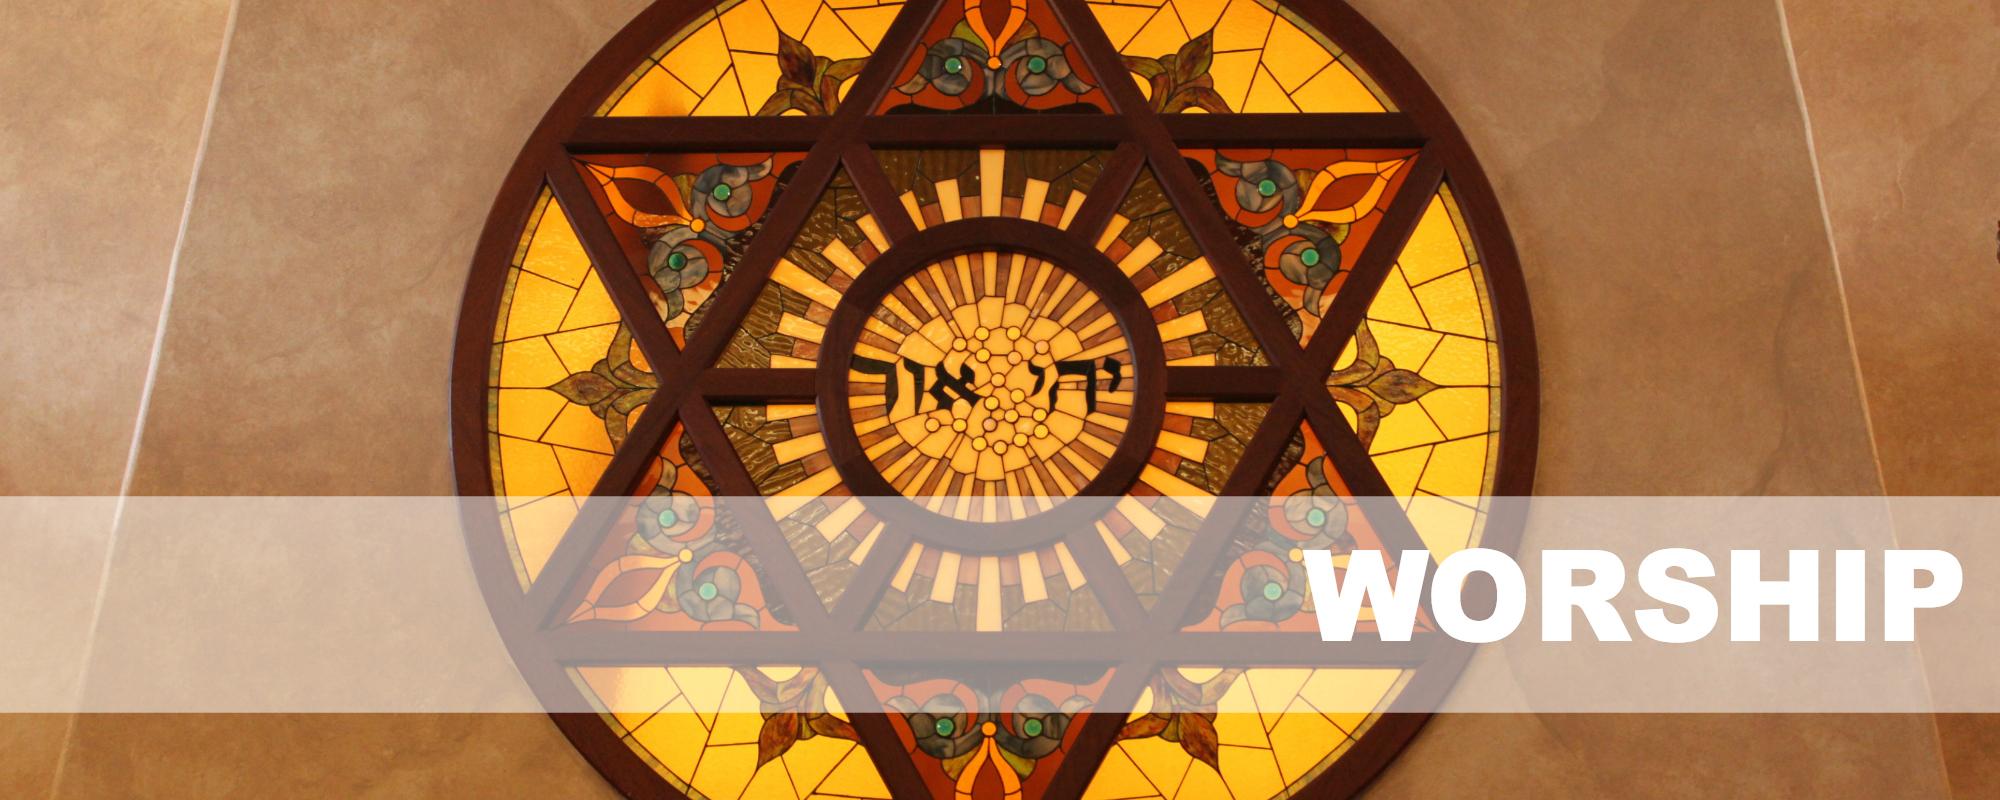 Worship - Moses Montefiore Congregation